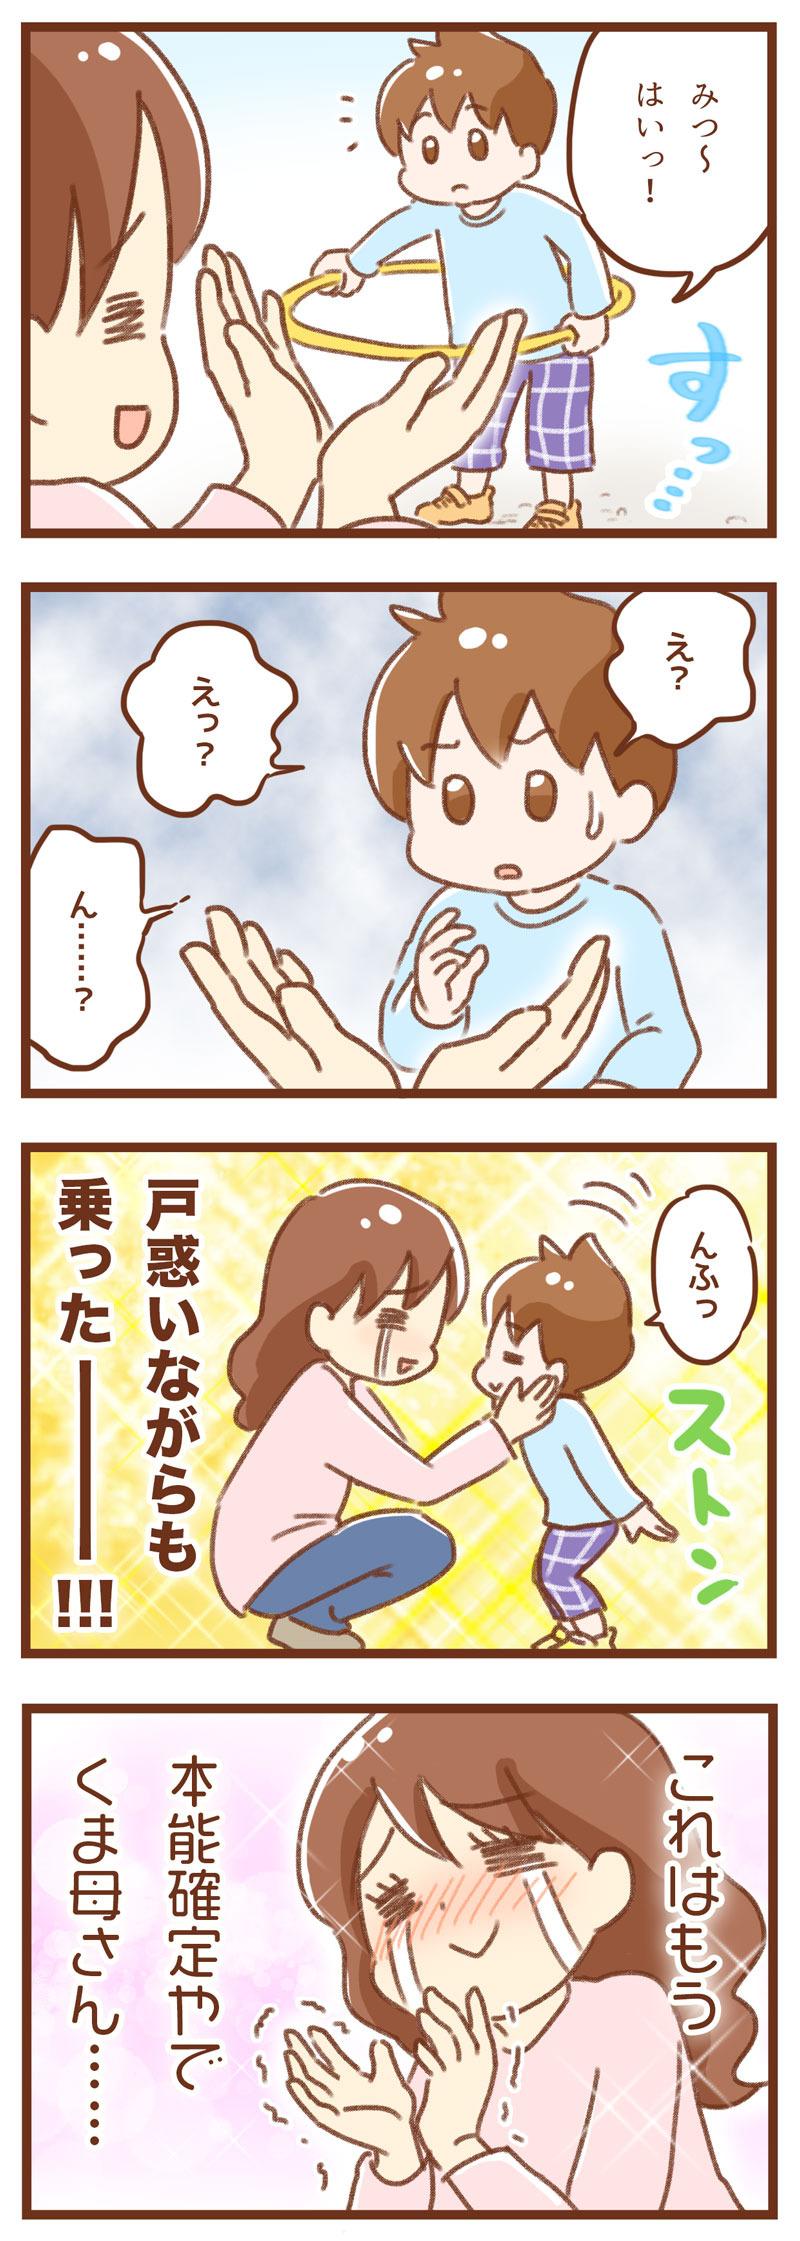 育児漫画 ゆむい